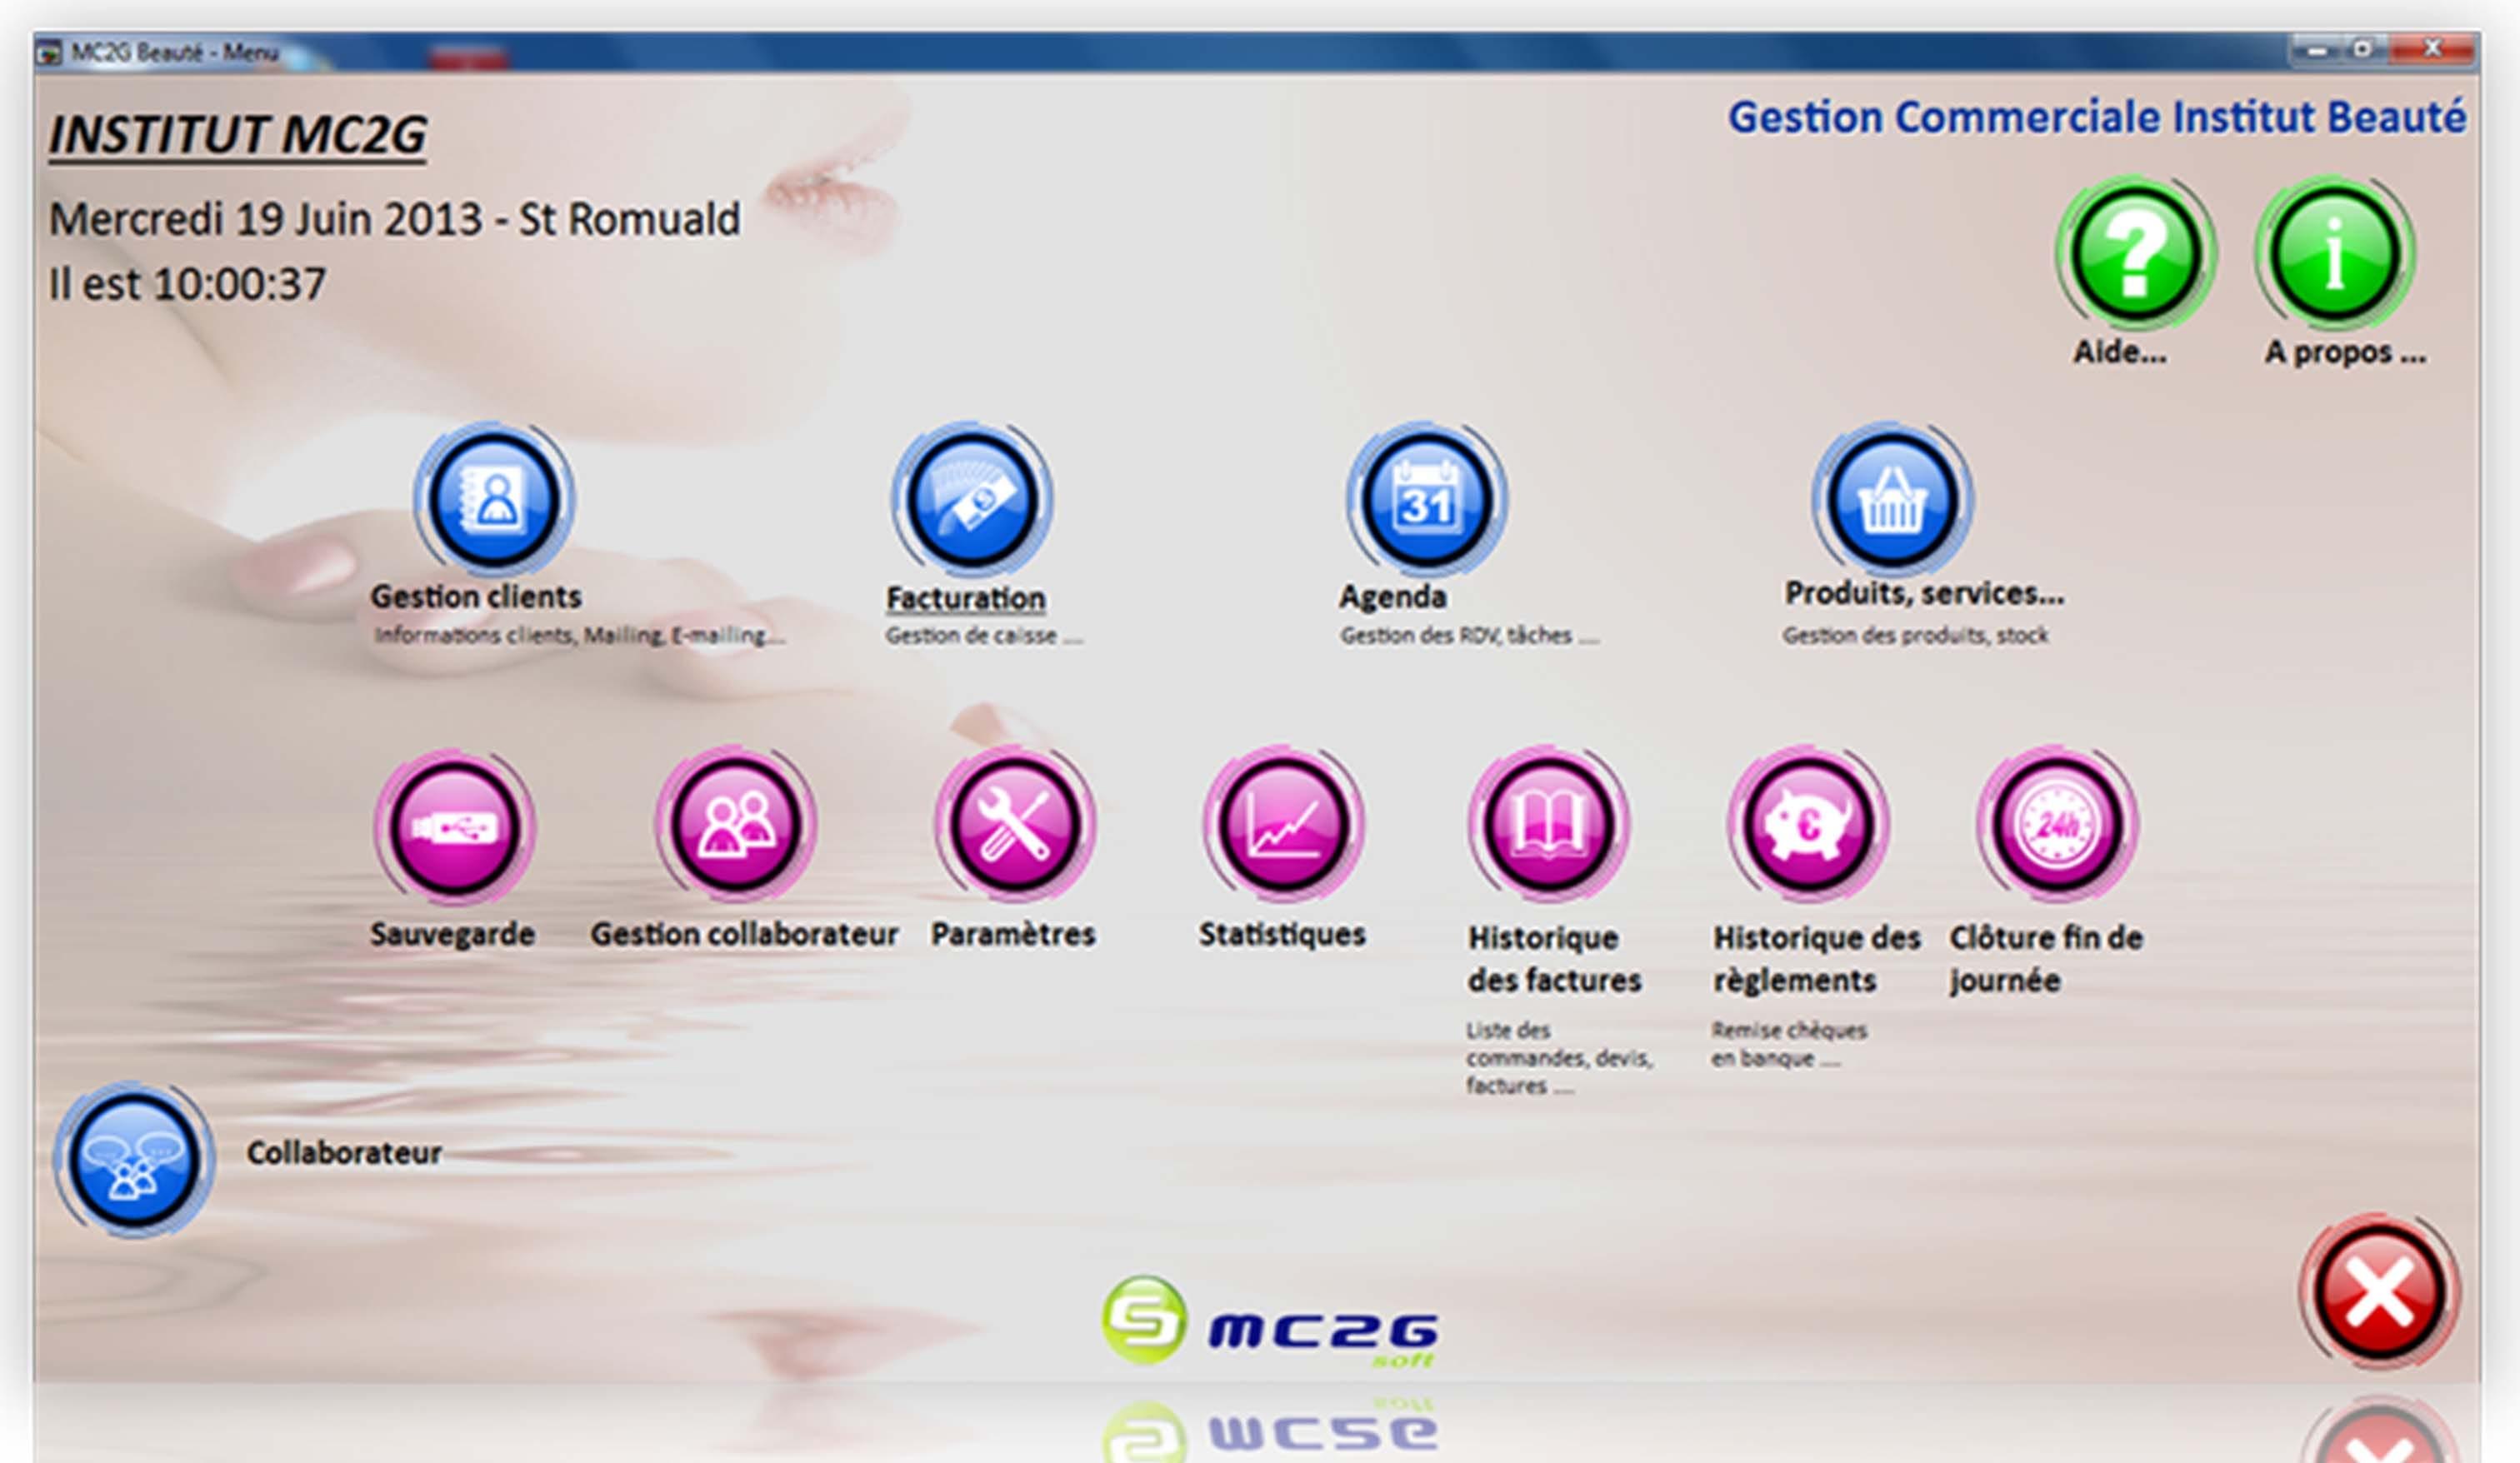 Logiciel institut de beauté MC2G